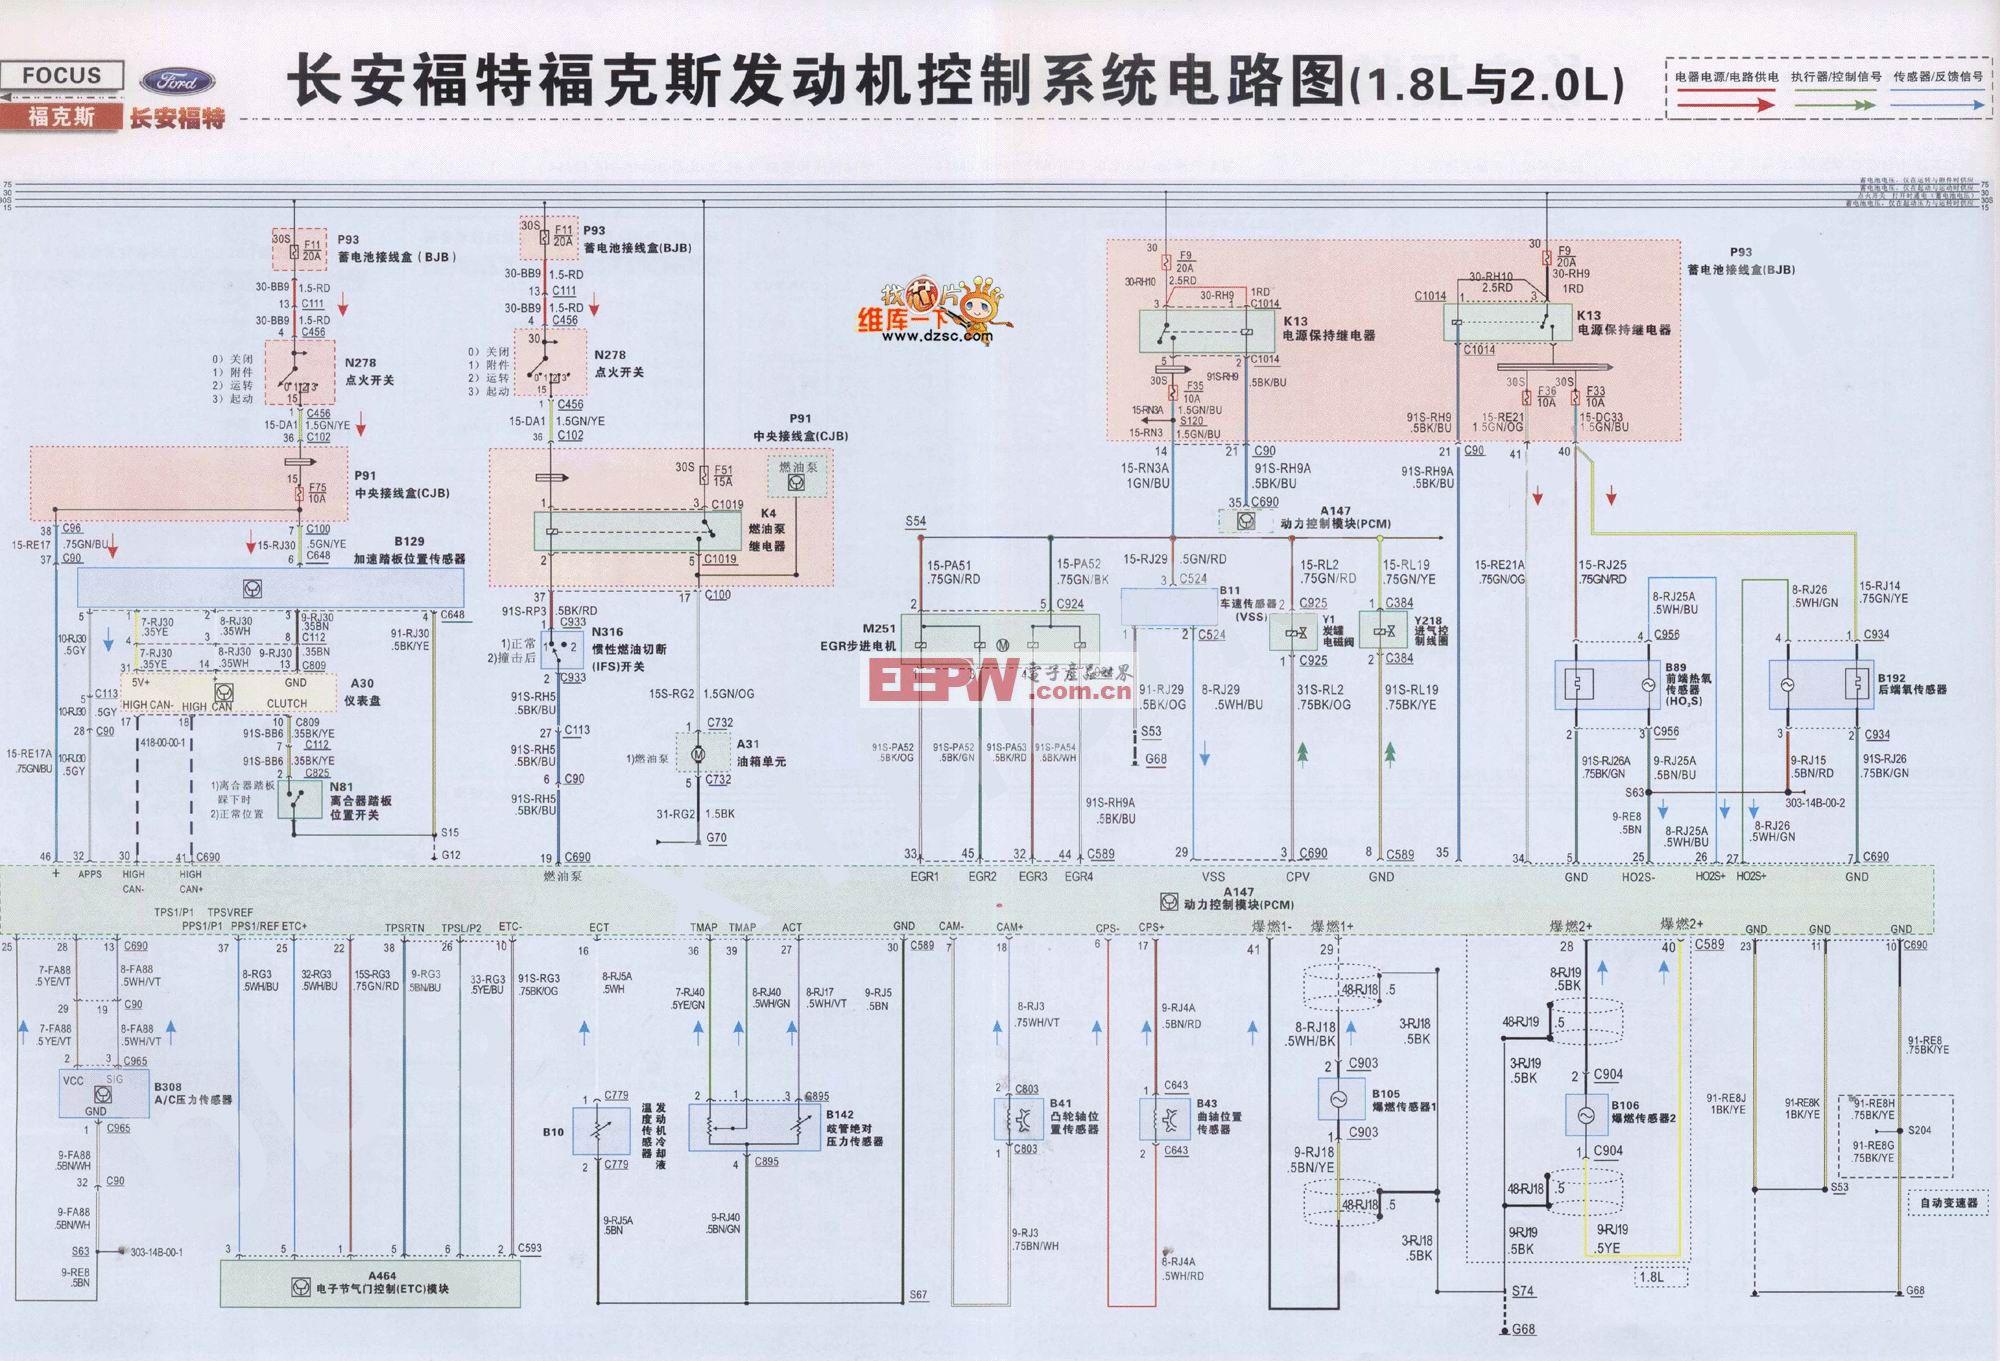 福特??怂拱l動機起動控制系統電路圖